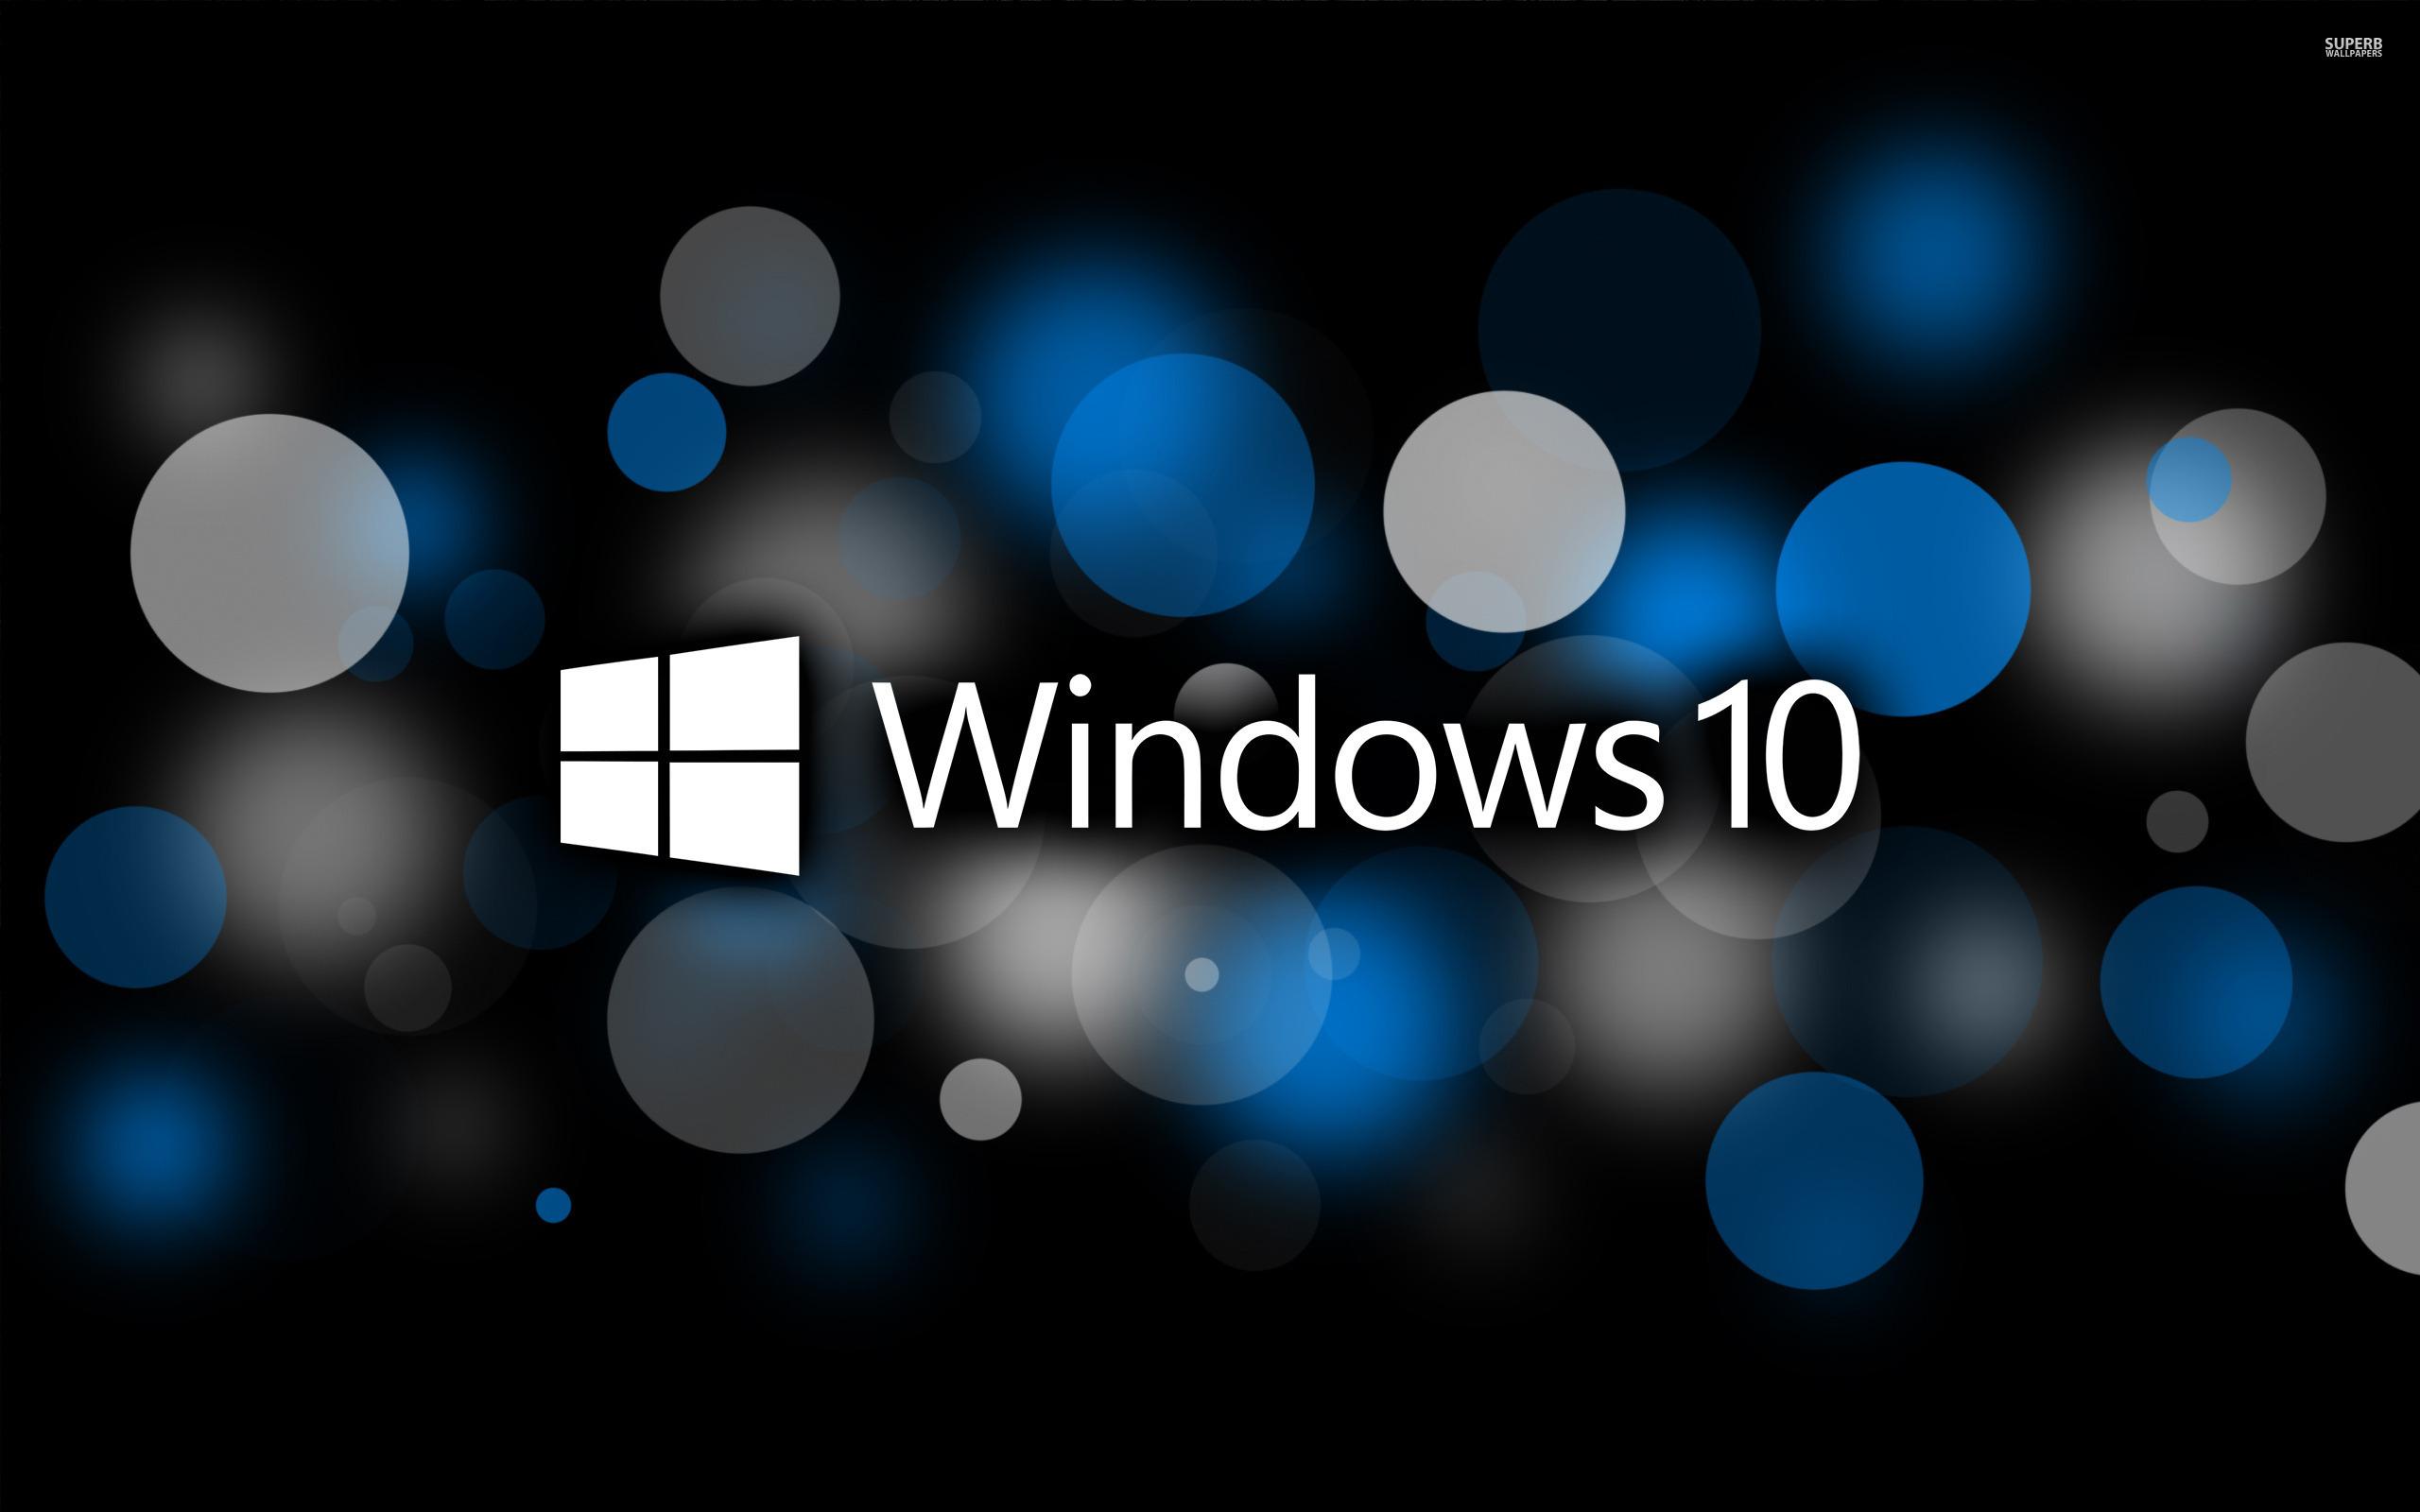 Wallpaper Gadgets for Windows 10 - WallpaperSafari